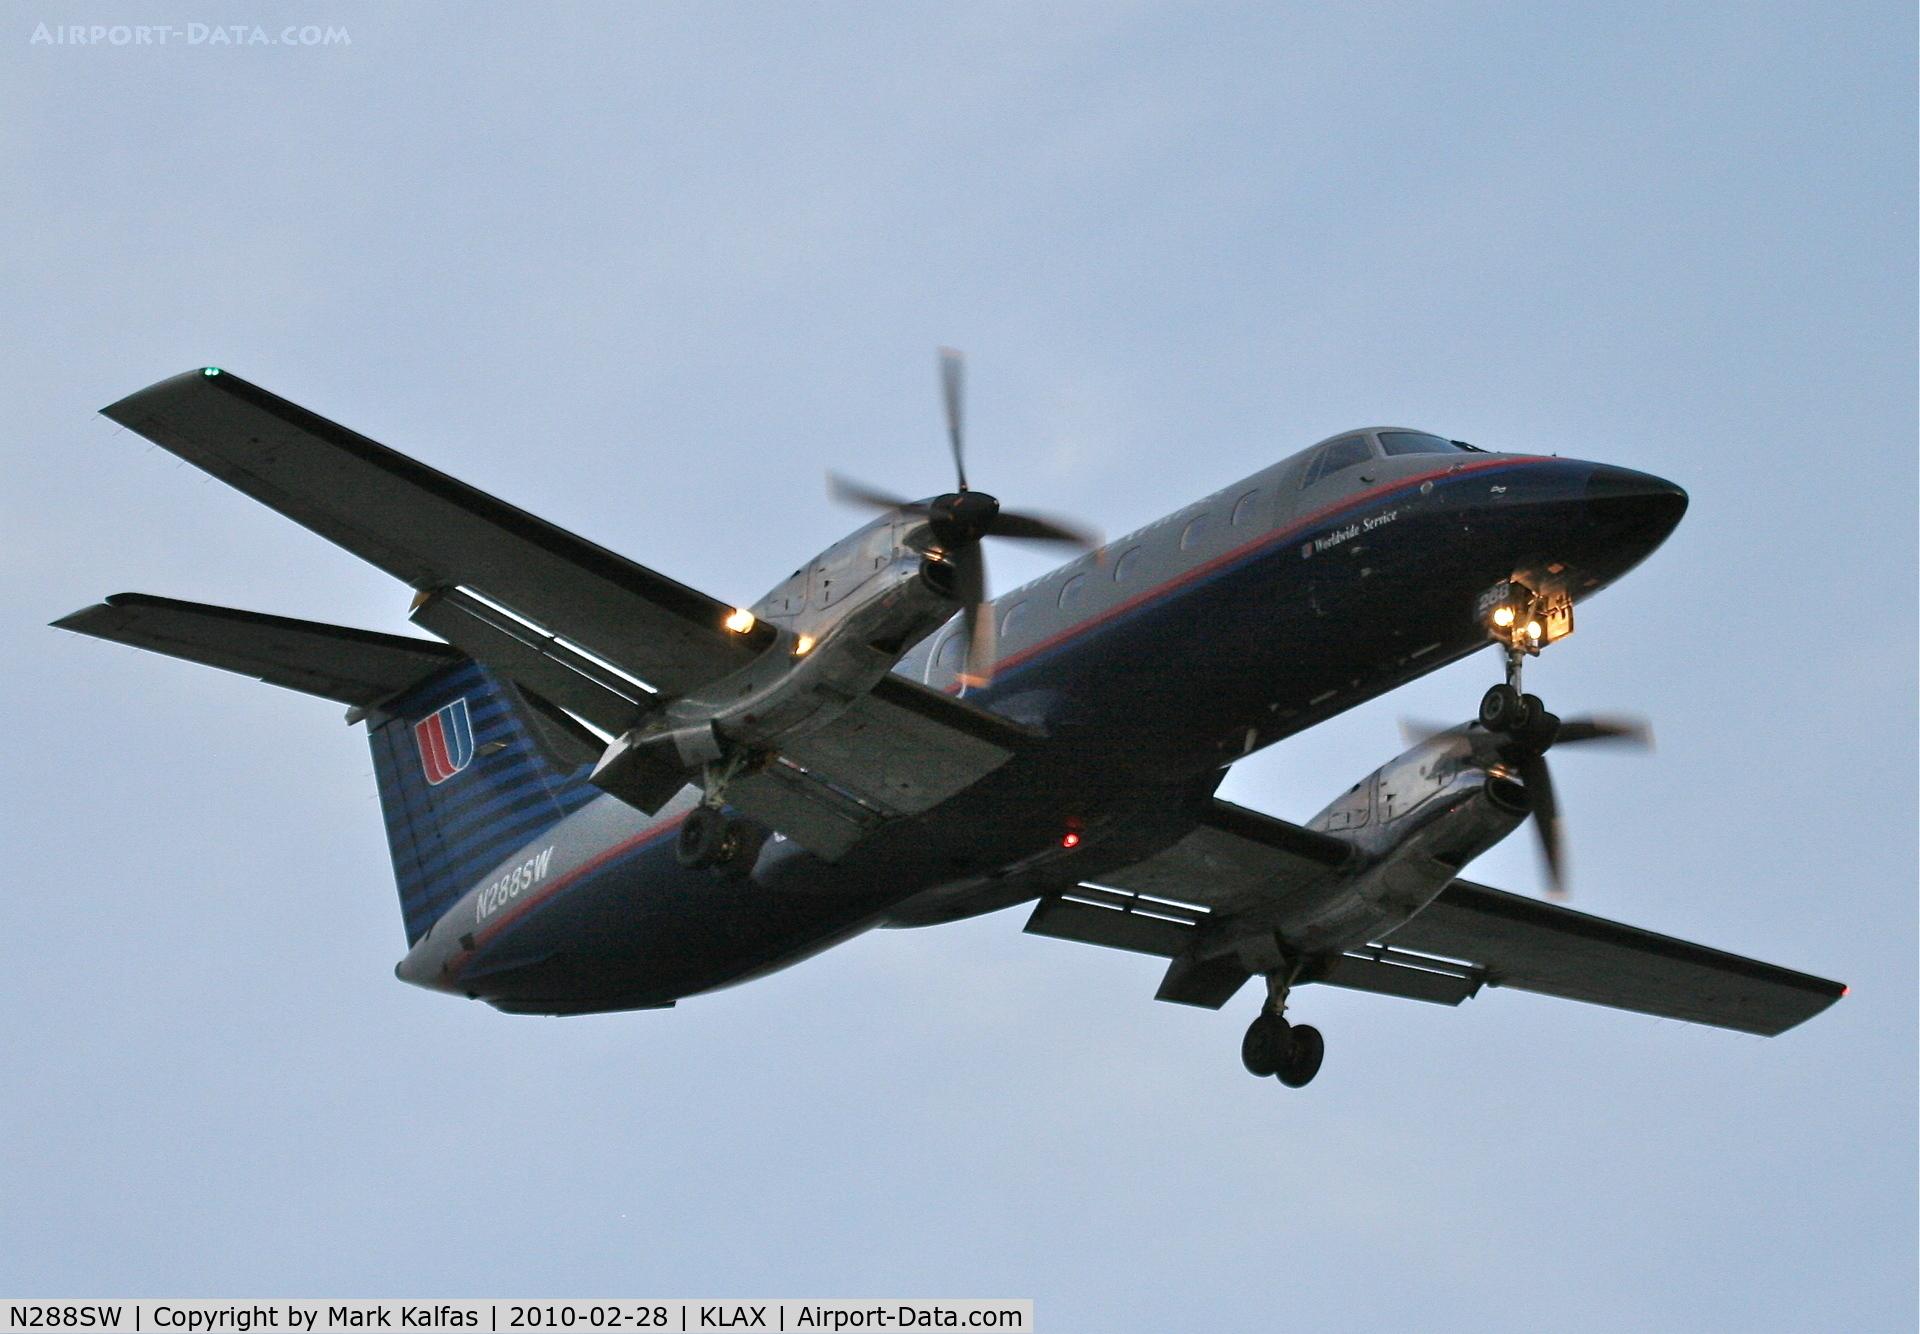 N288SW, 1996 Embraer EMB-120ER Brasilia C/N 120316, SkyWest Embraer EMB-120ER, SKW79Z from KBLF, 24R approach KLAX.